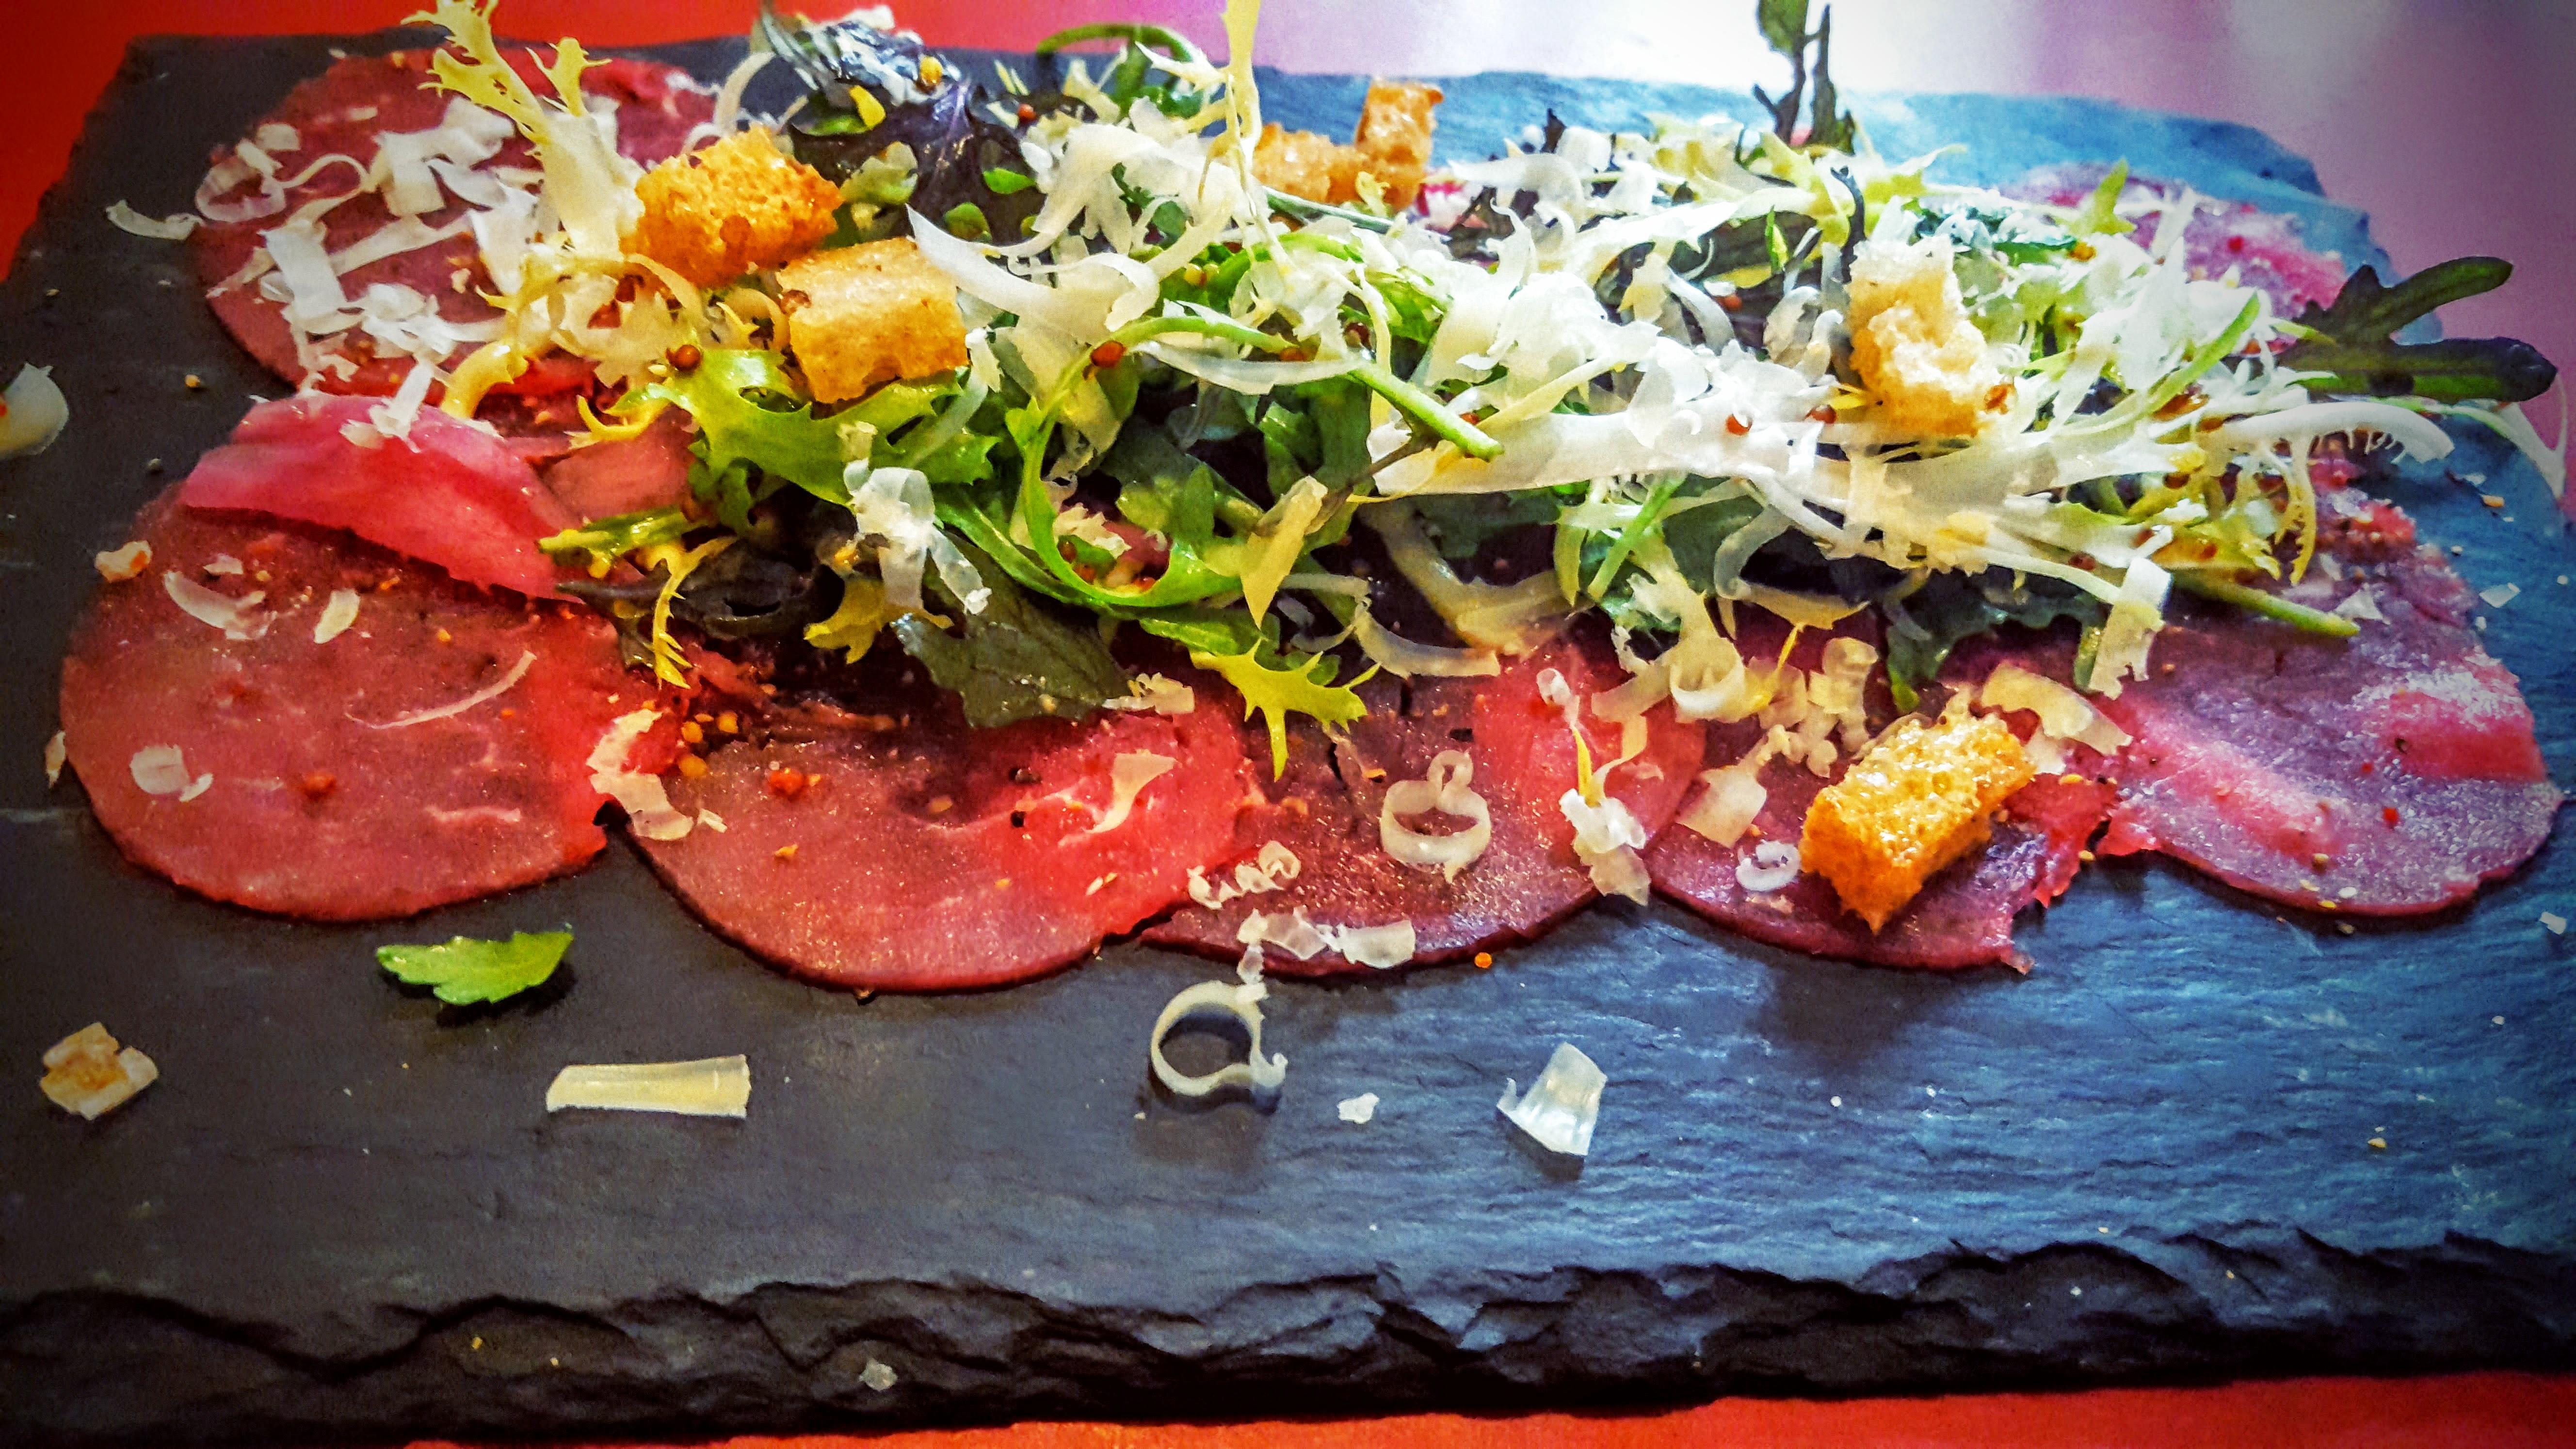 Köd Århus carpaccio af dansk mørbrad med Vesterhavs ost, rucola, syltet løg og knust peber & sprødt